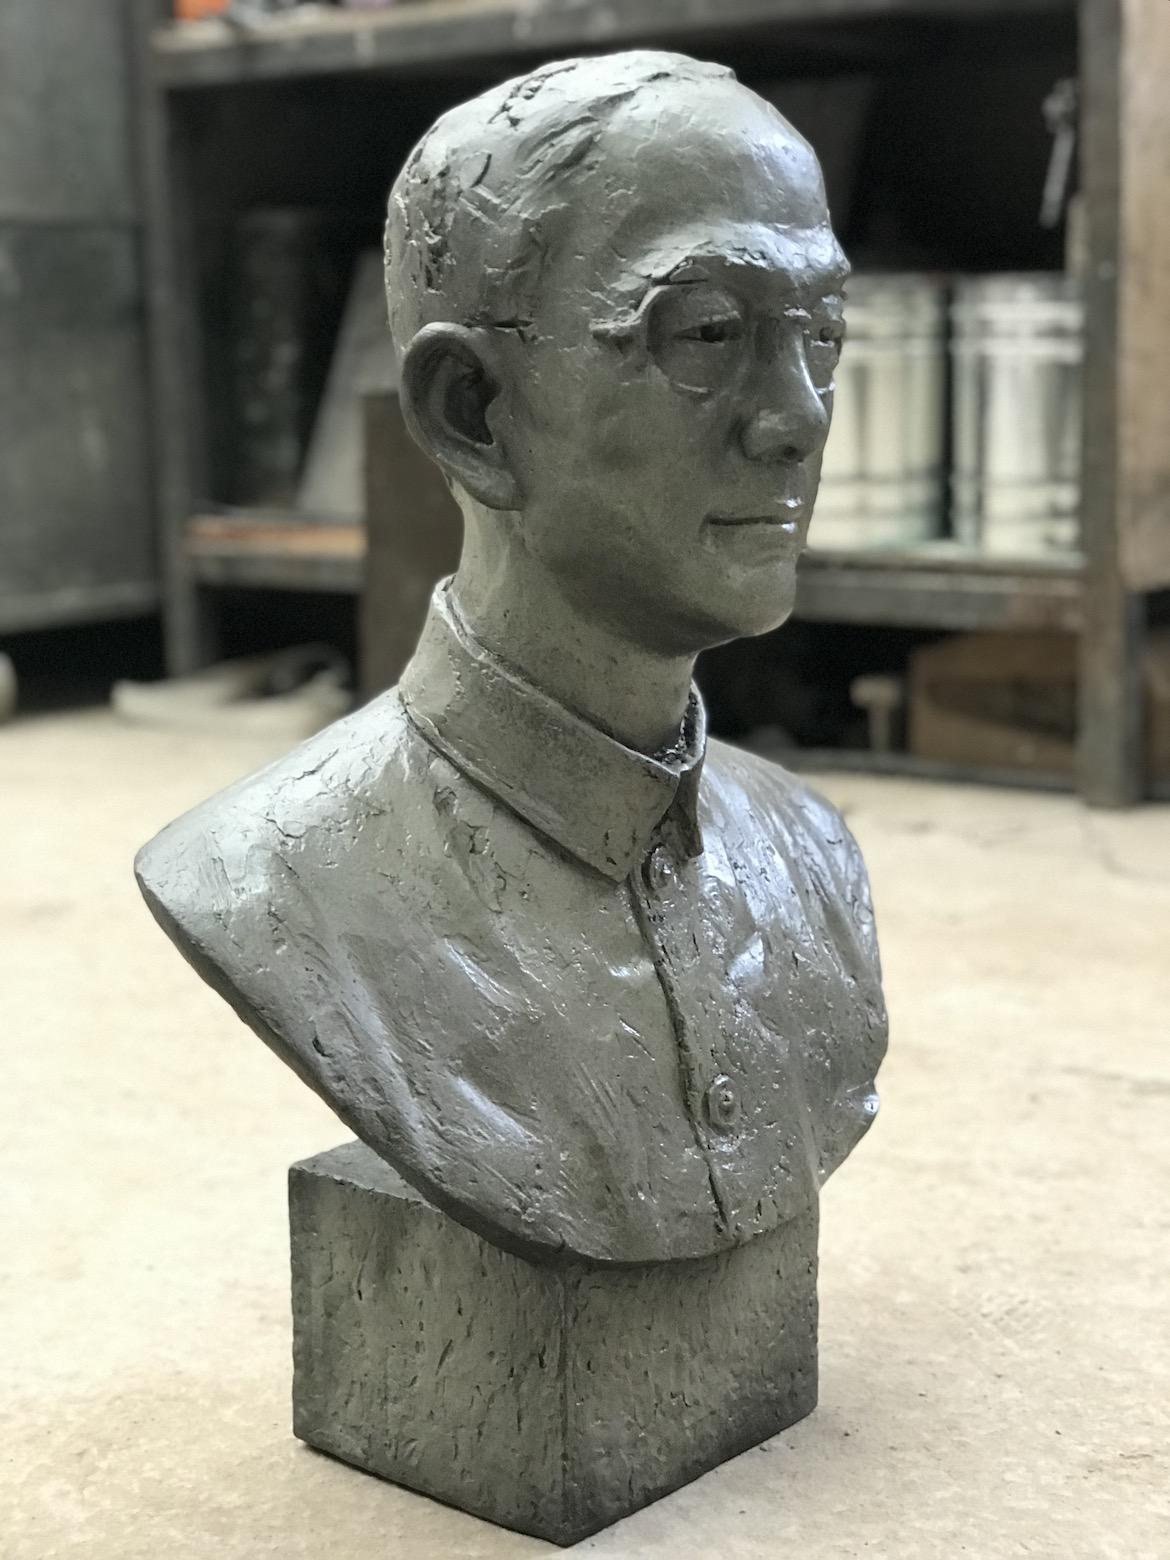 万博体育彩票官网app人像定制 陆志韦先生铸铜肖像侧面